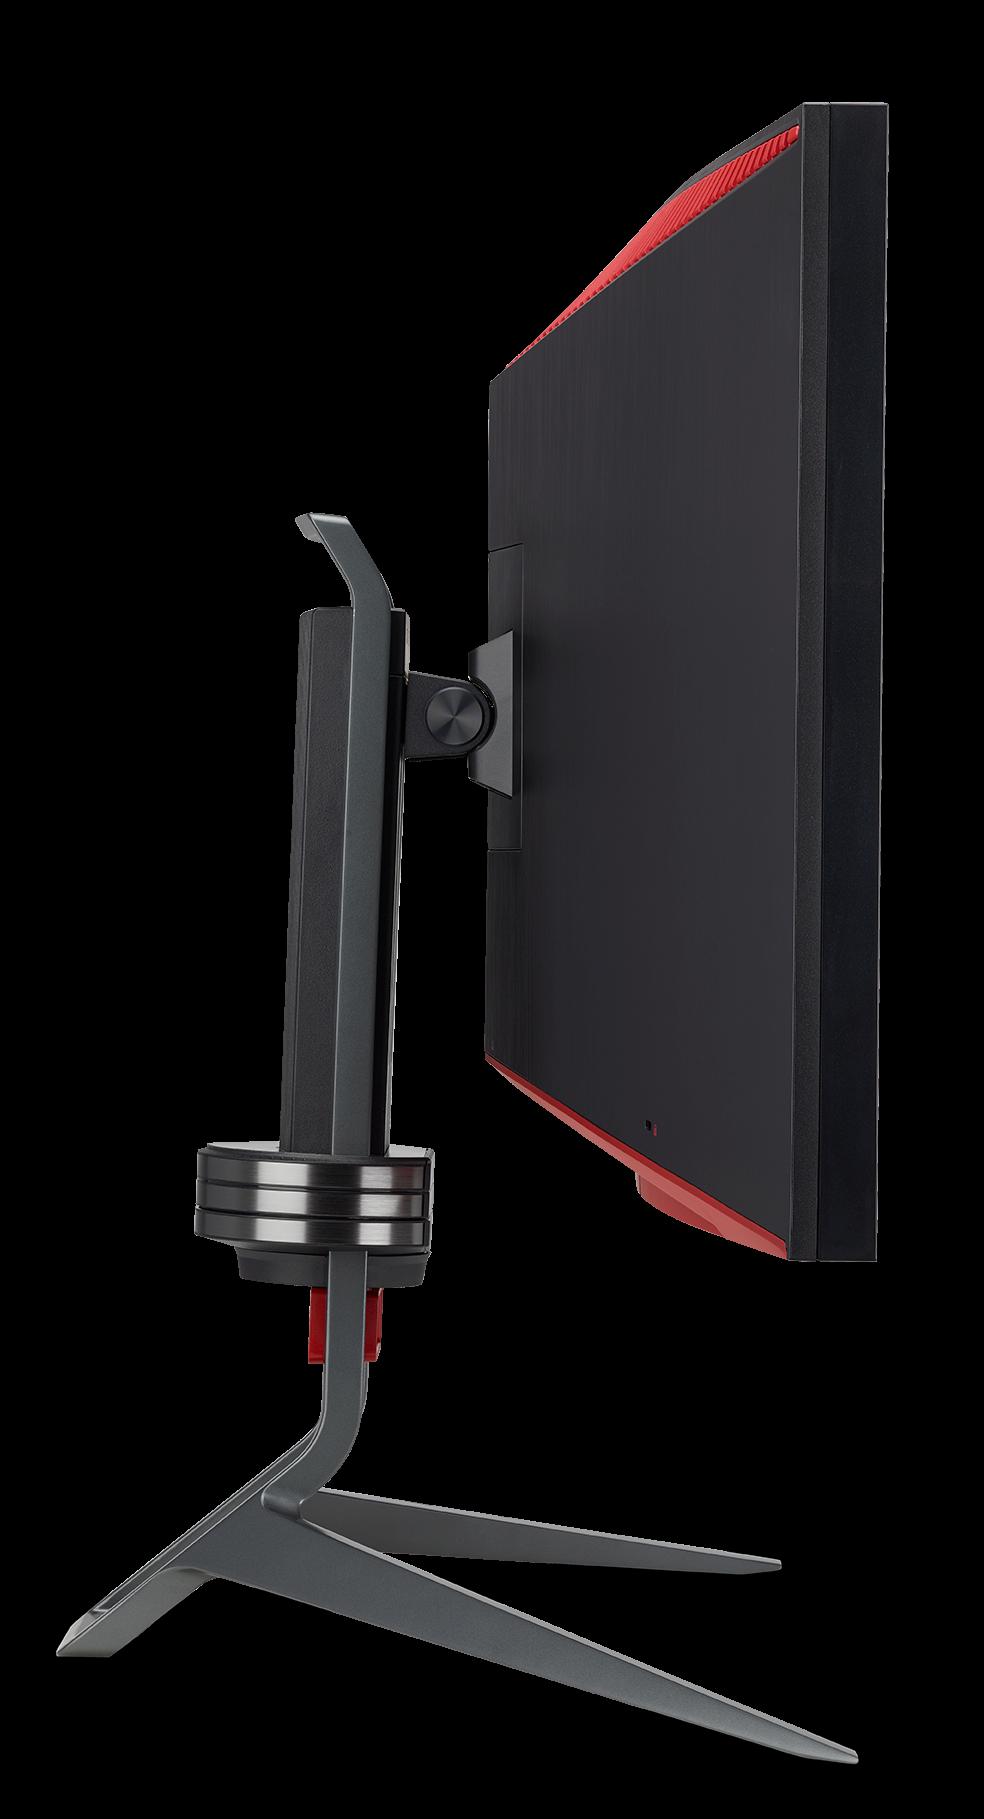 Acer Predator Z35P 100Hz OC | G-Sync